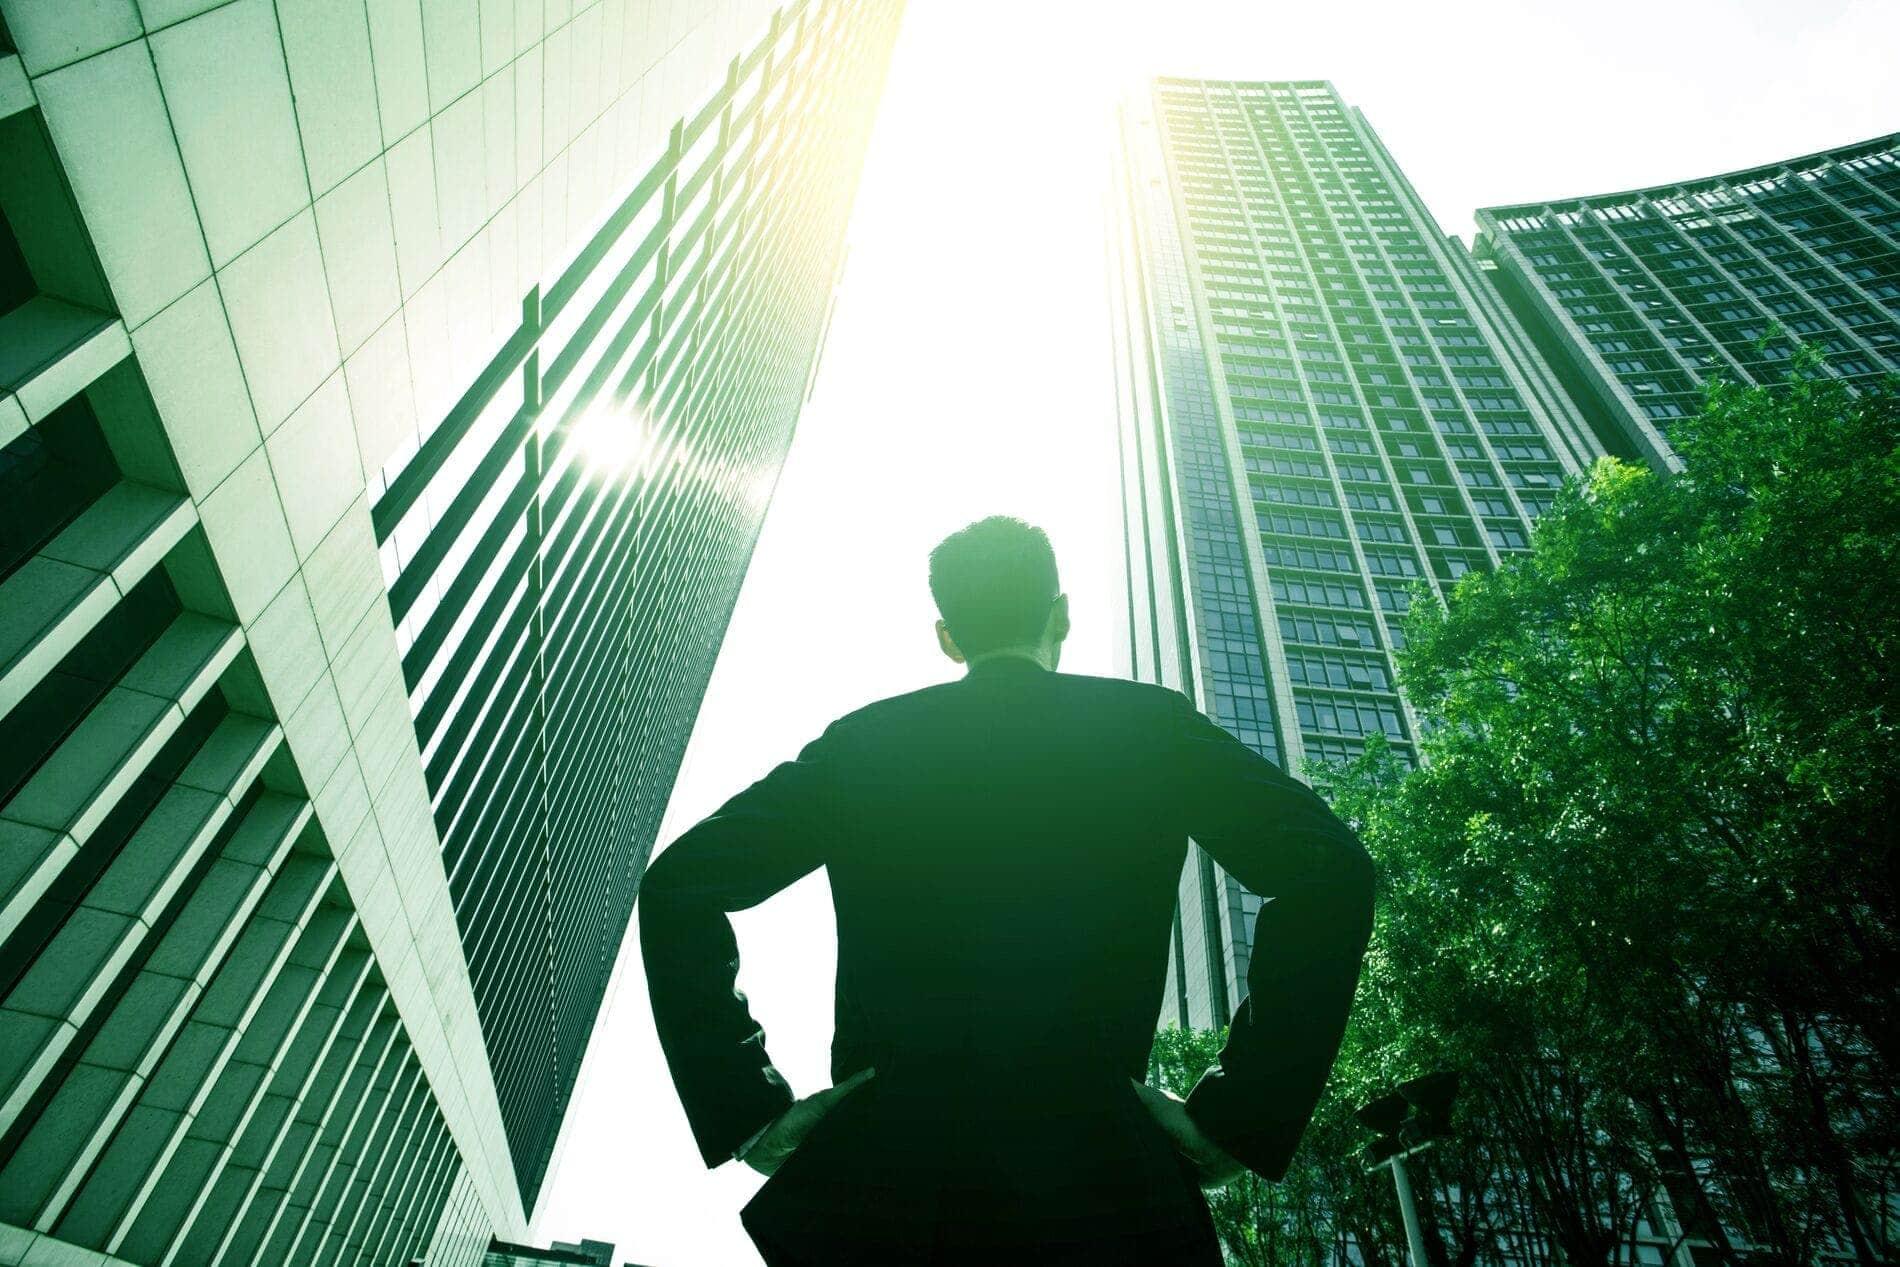 Un homme qui regarde en l'air vers des gratte-ciel